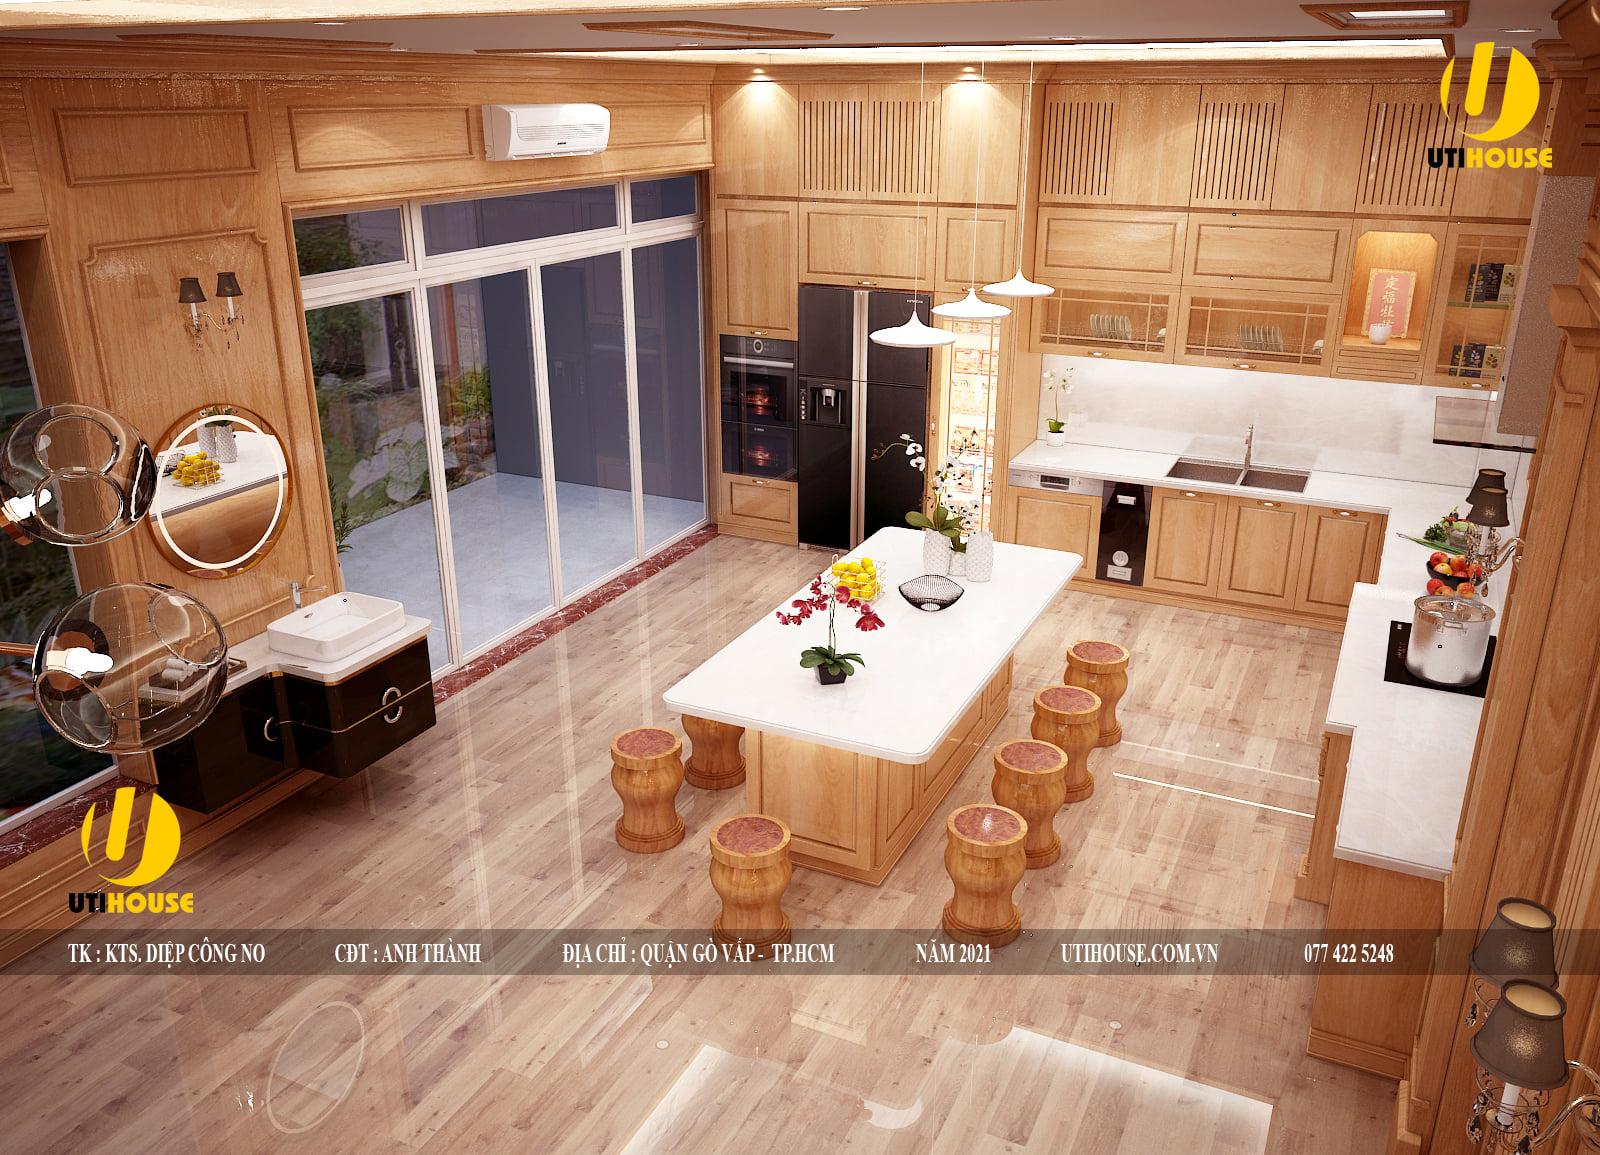 Ý tưởng thiết kế nội thất không gian mở tiện nghi - hiện đại cho căn nhà của bạn